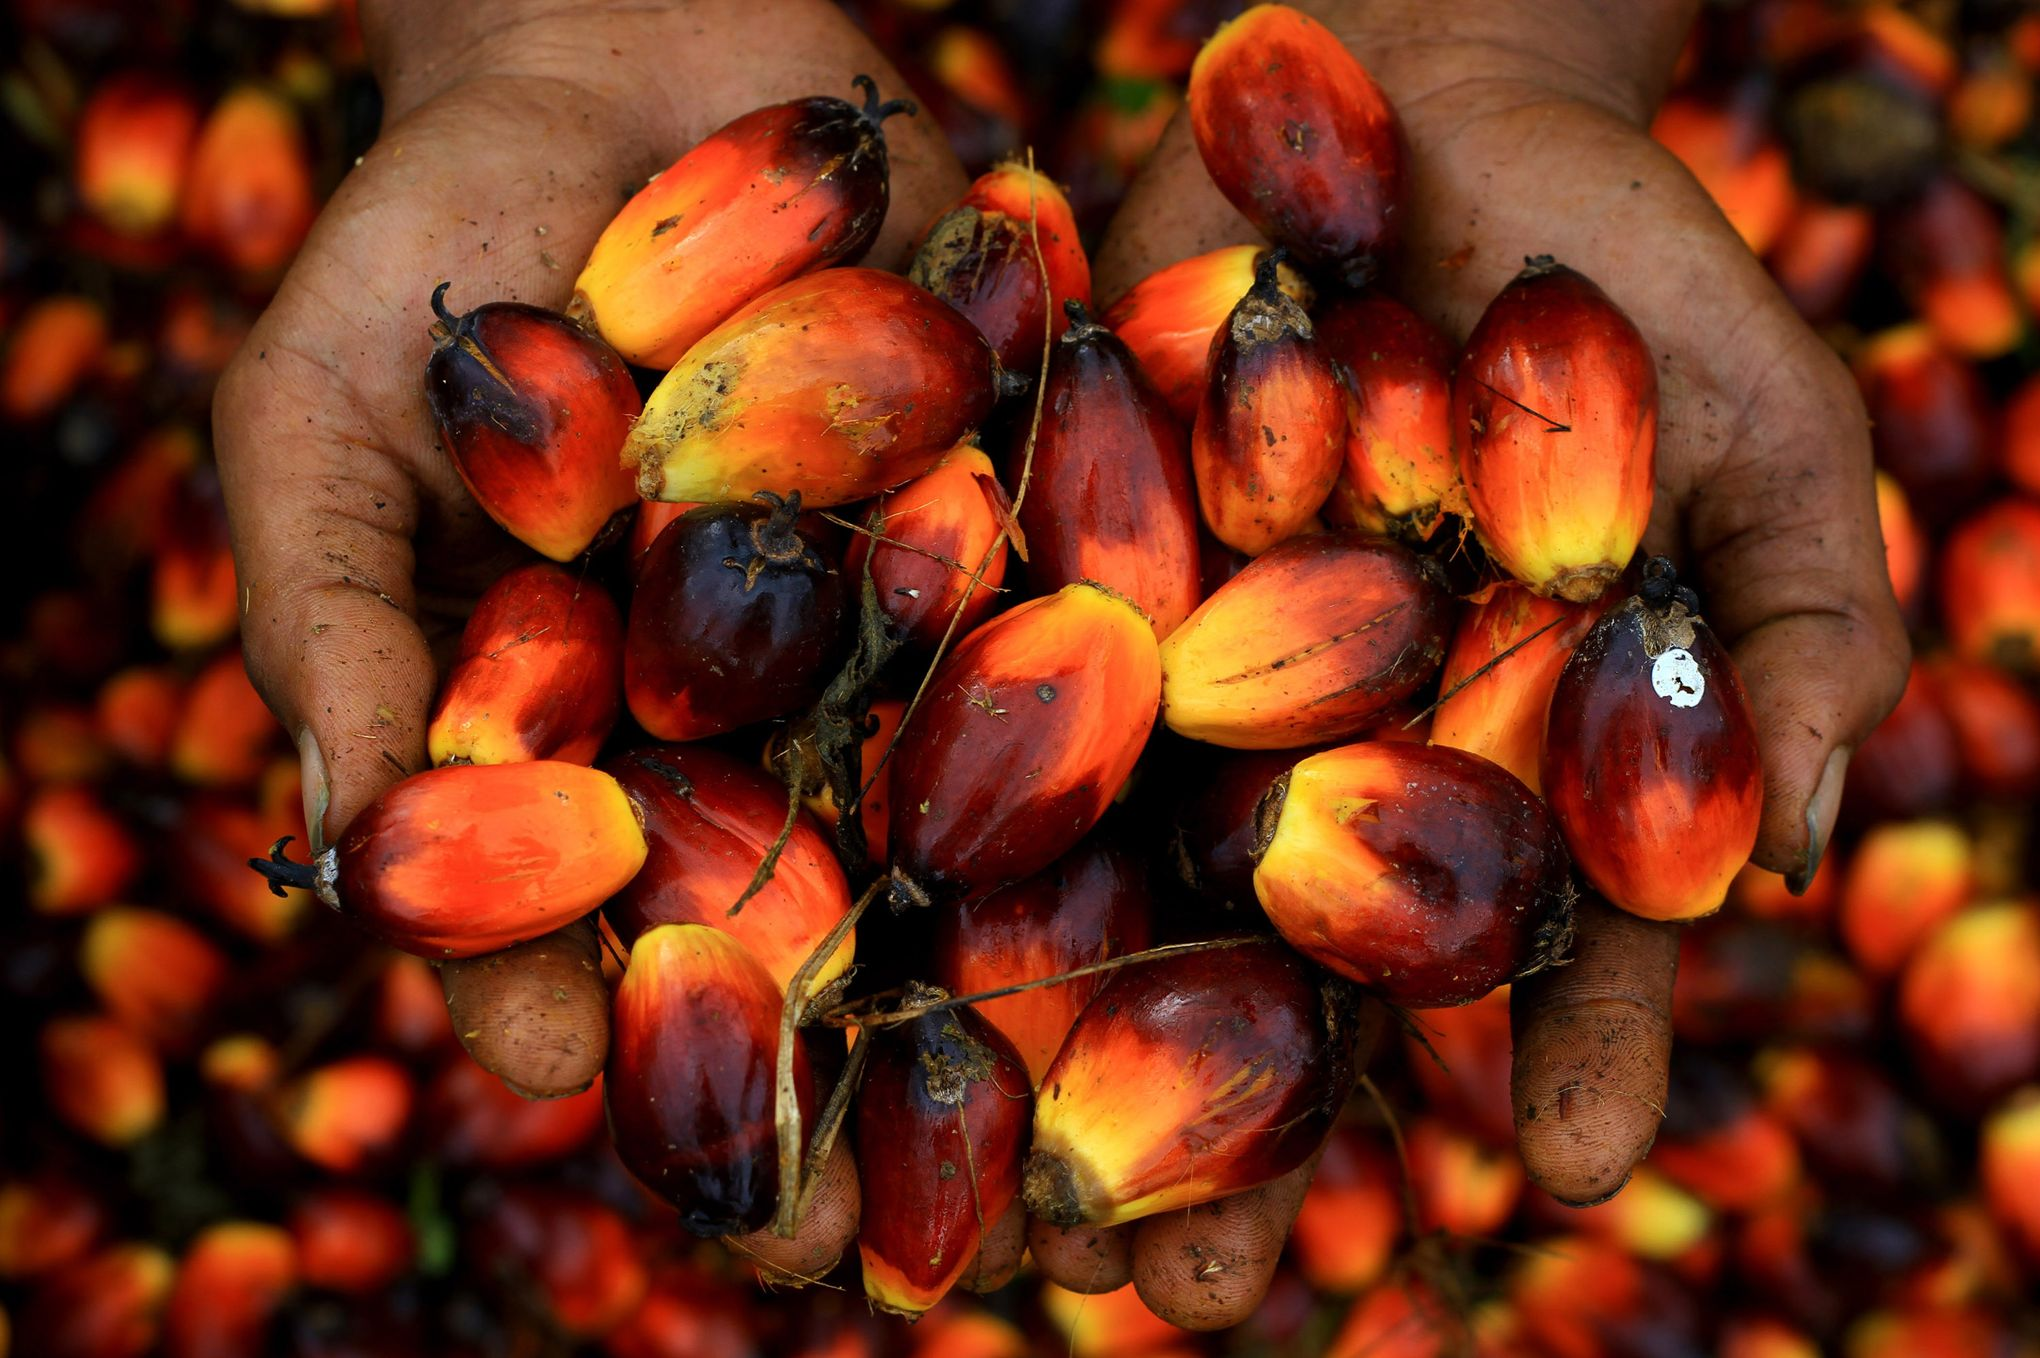 L'huile de palme au Libéria: Les effets du ralentissement du marché dû à la covid-19 se font sentir